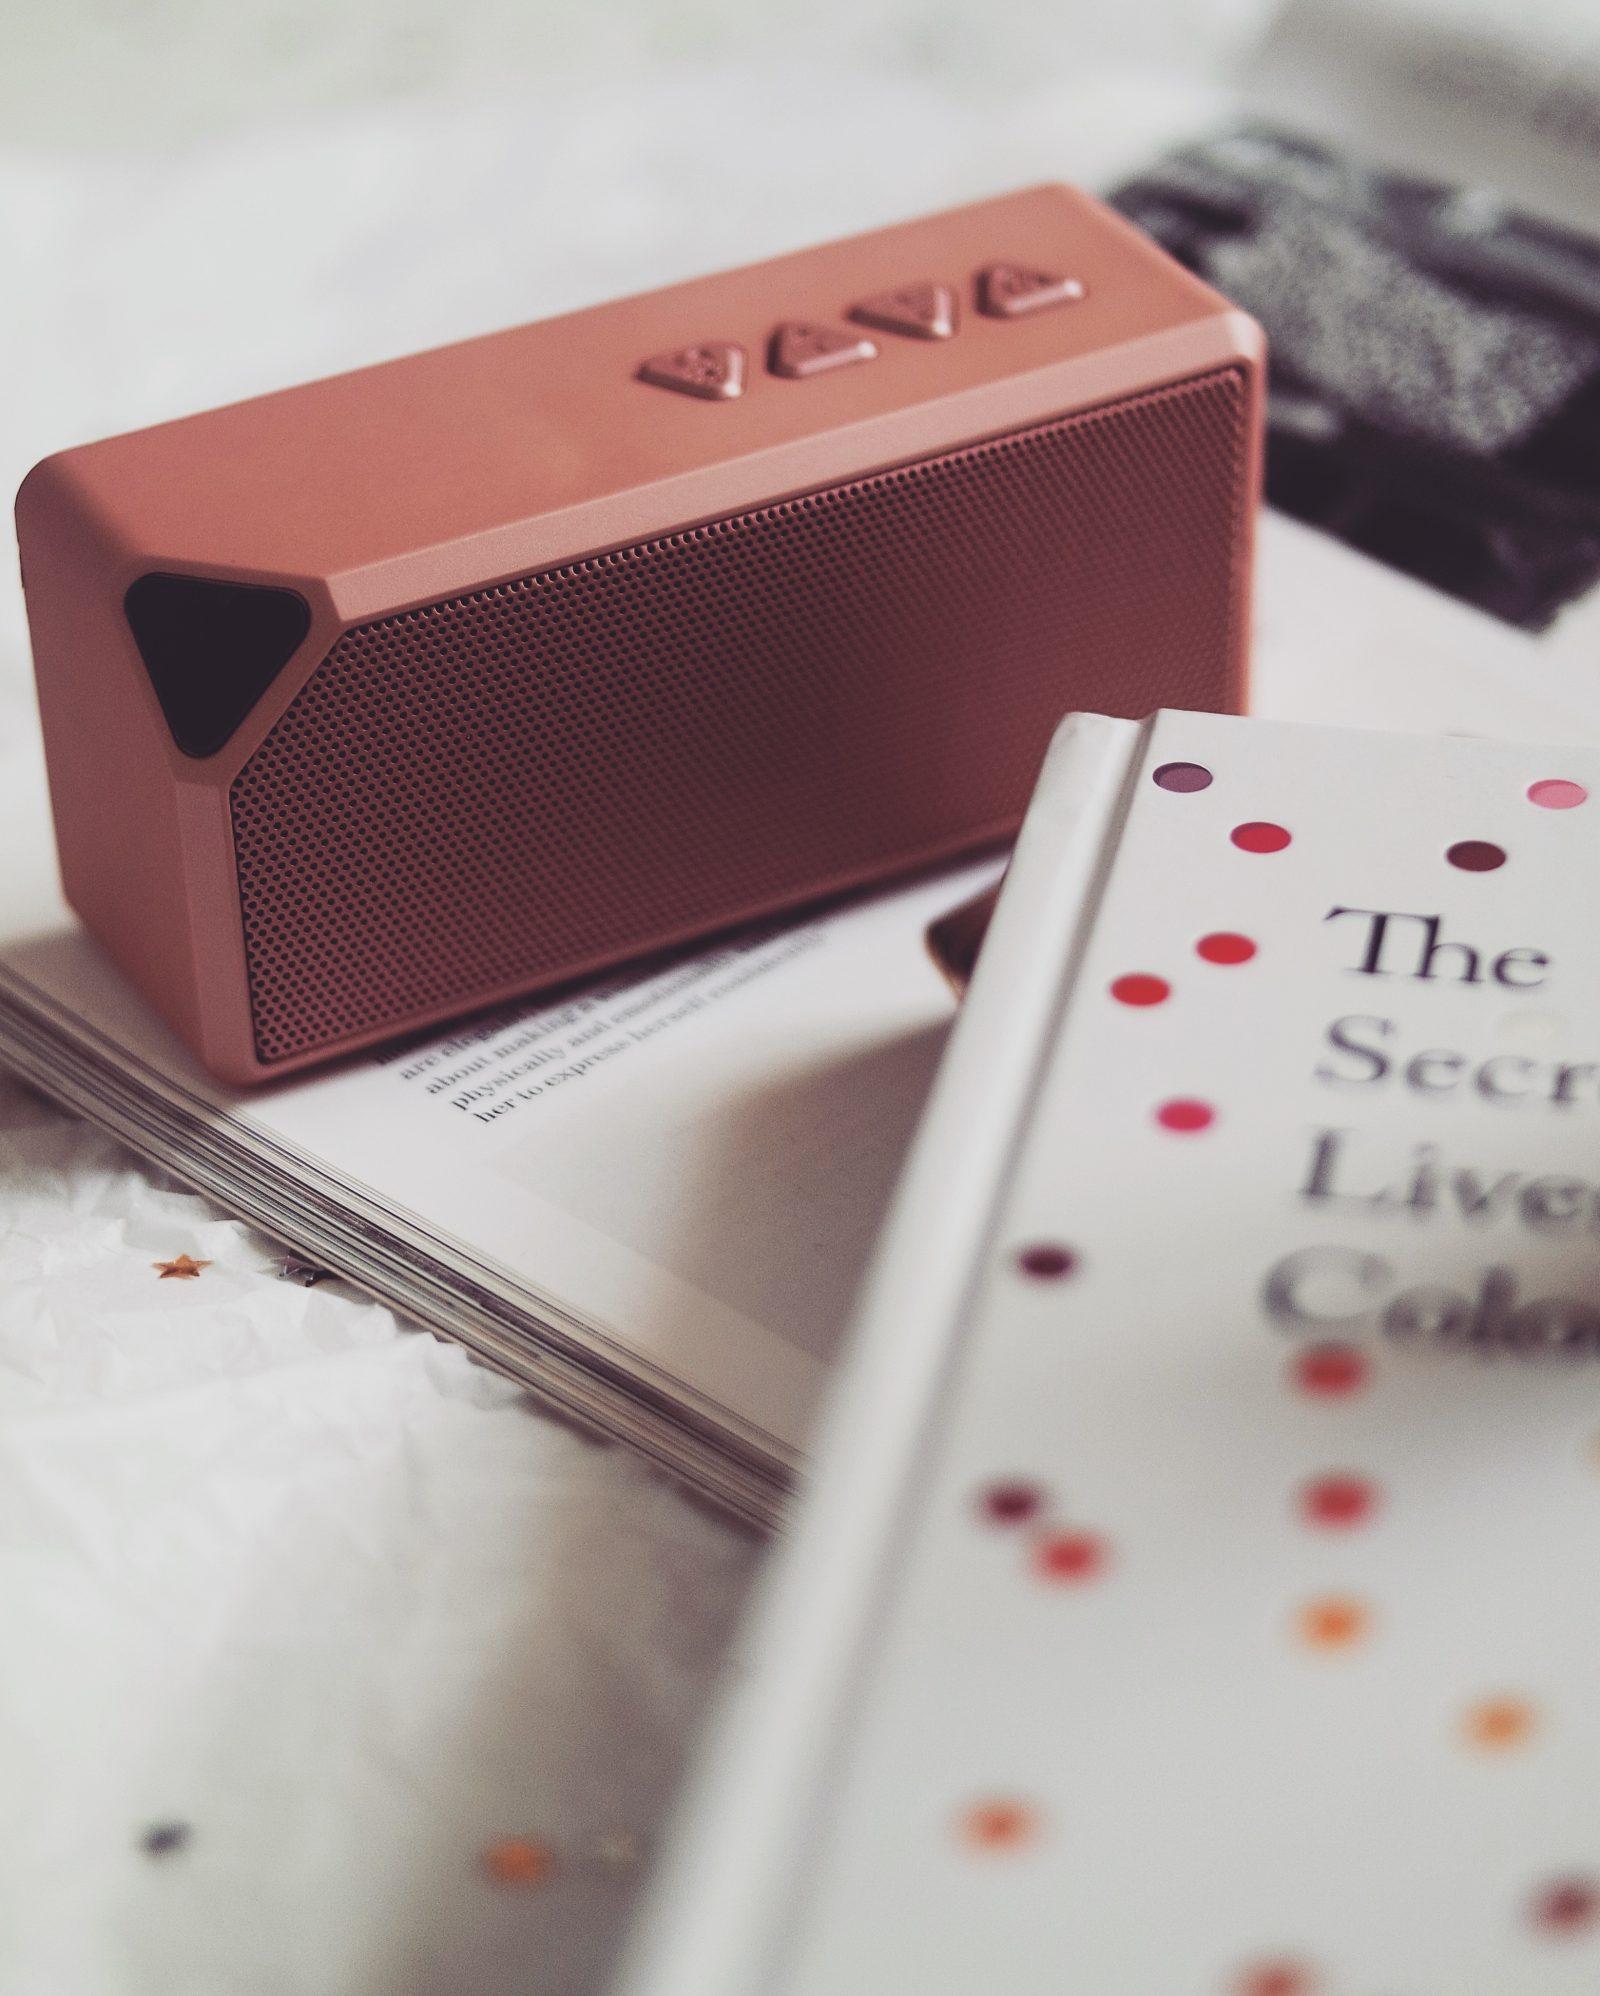 Stocking Fillers - Portable Speaker